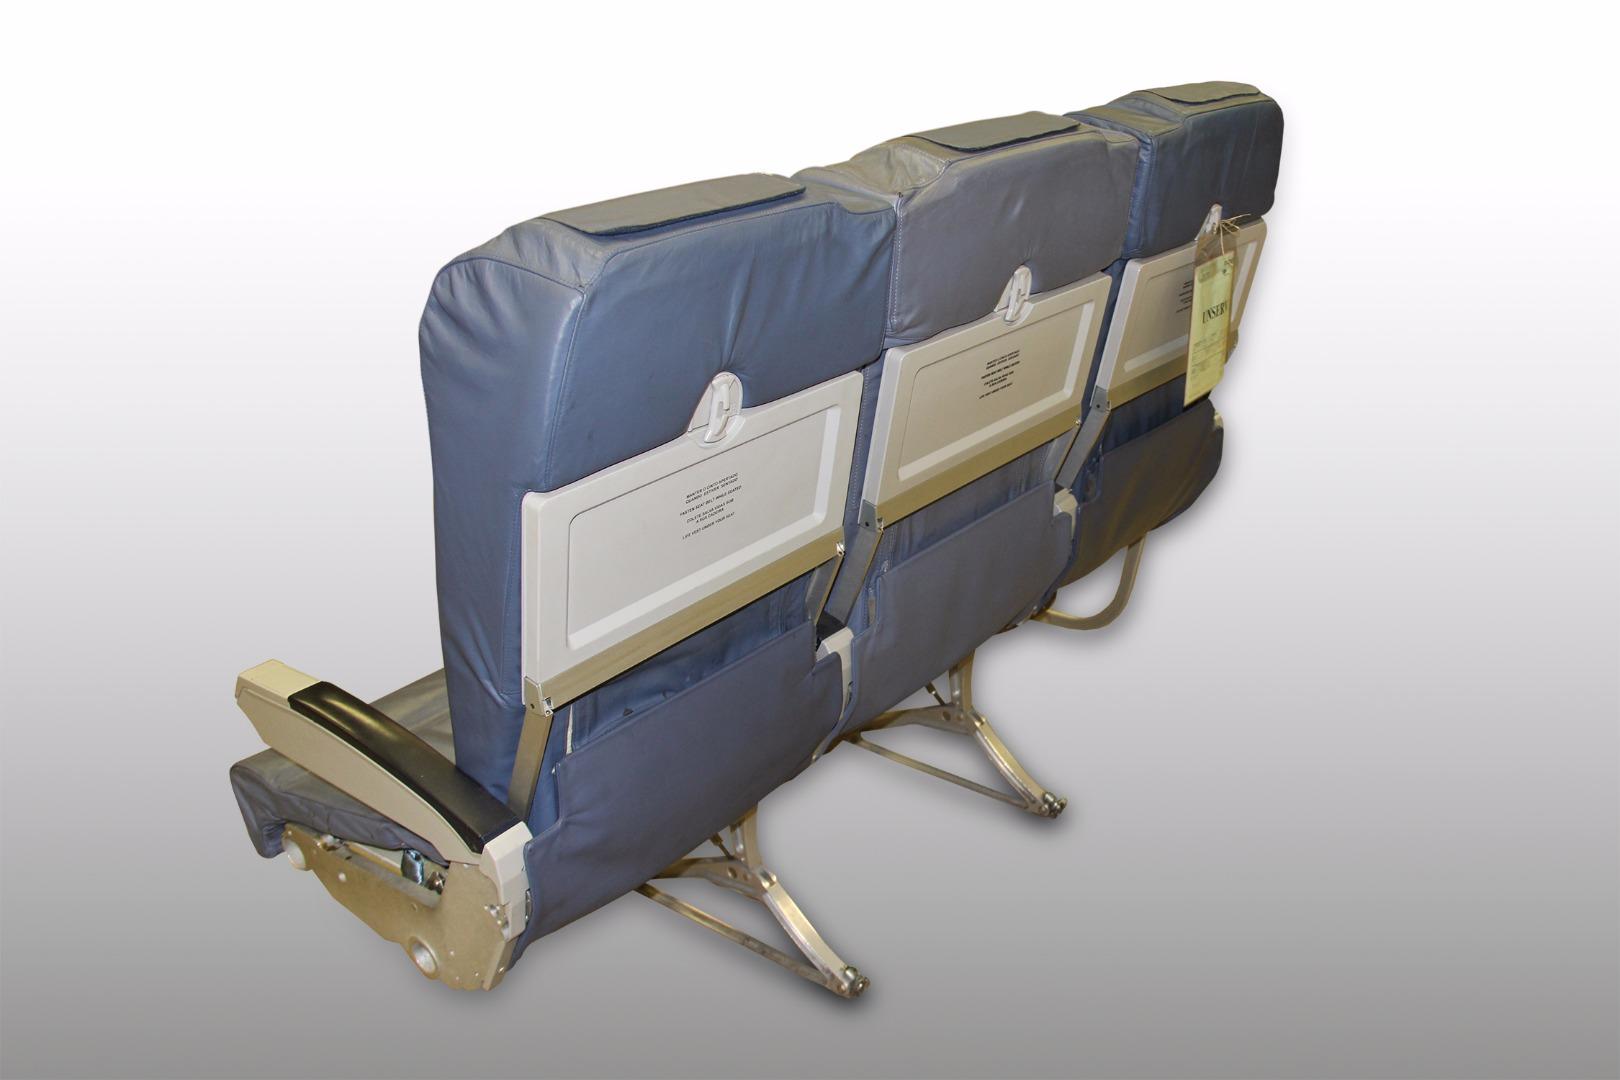 Cadeira tripla económica de um avião da TAP - 13